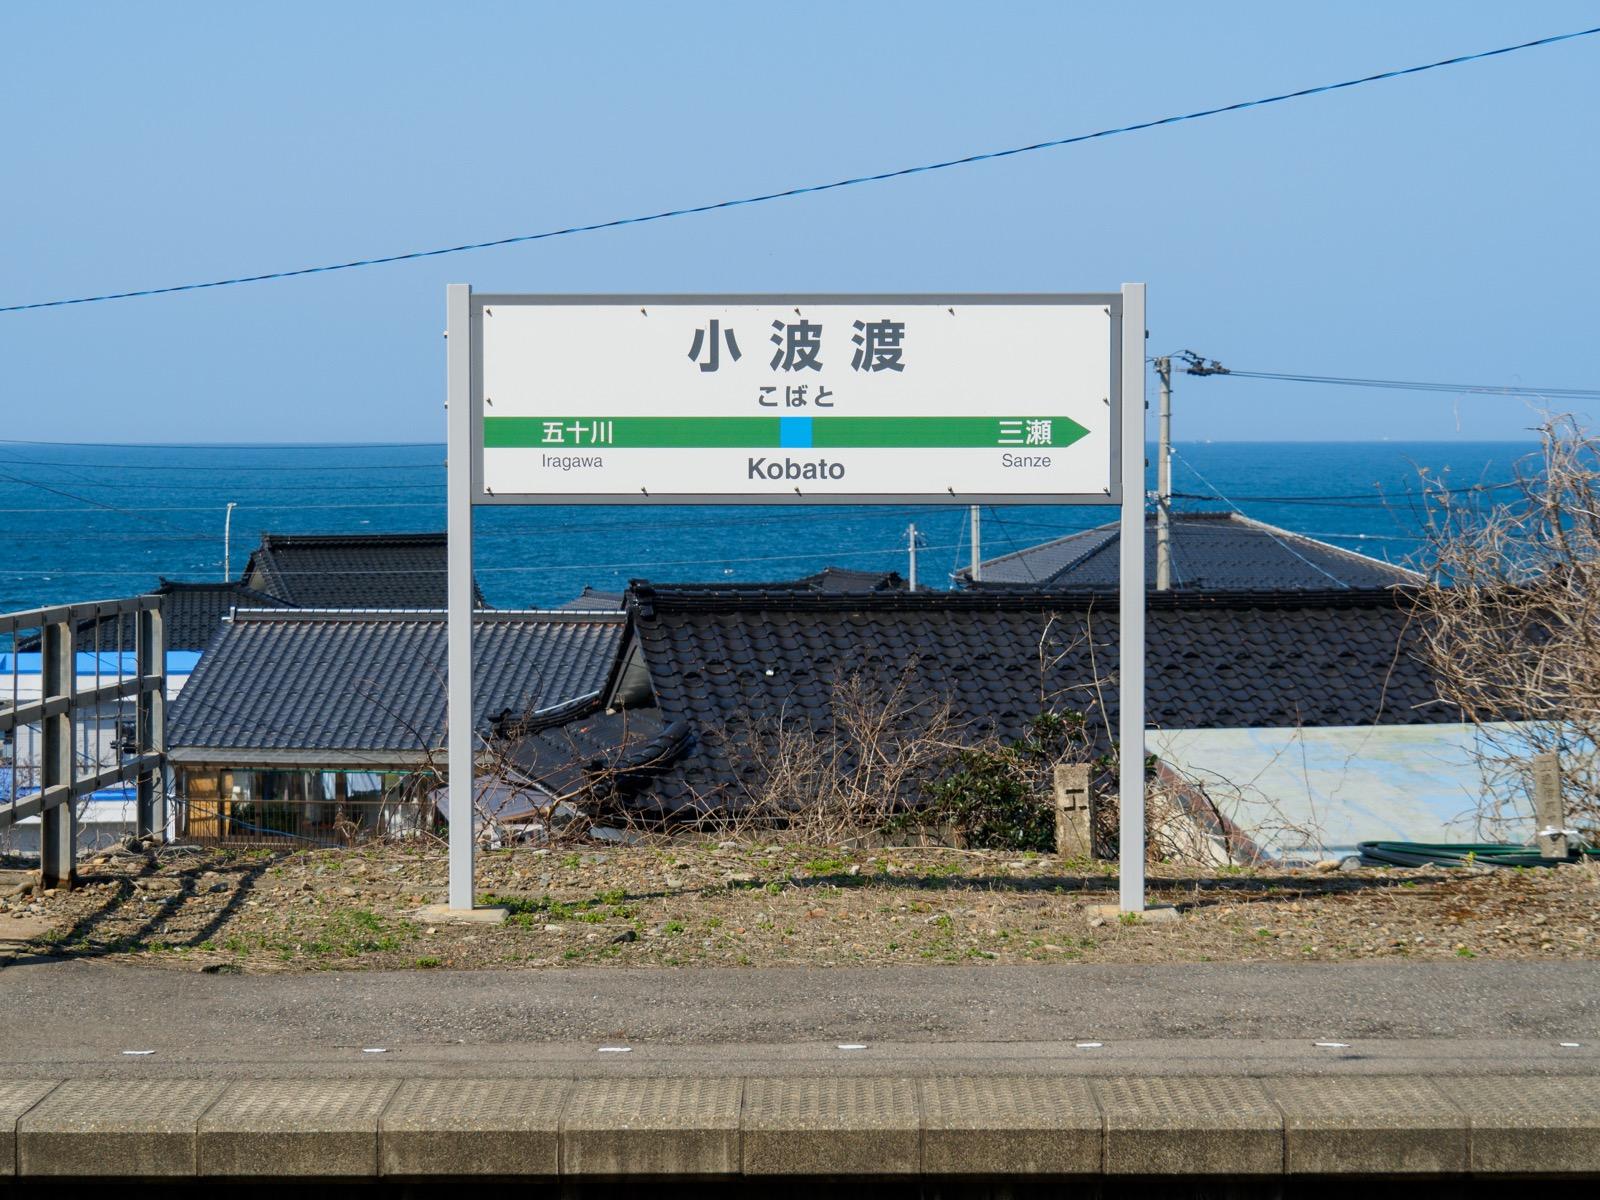 小波渡駅の駅名標と日本海